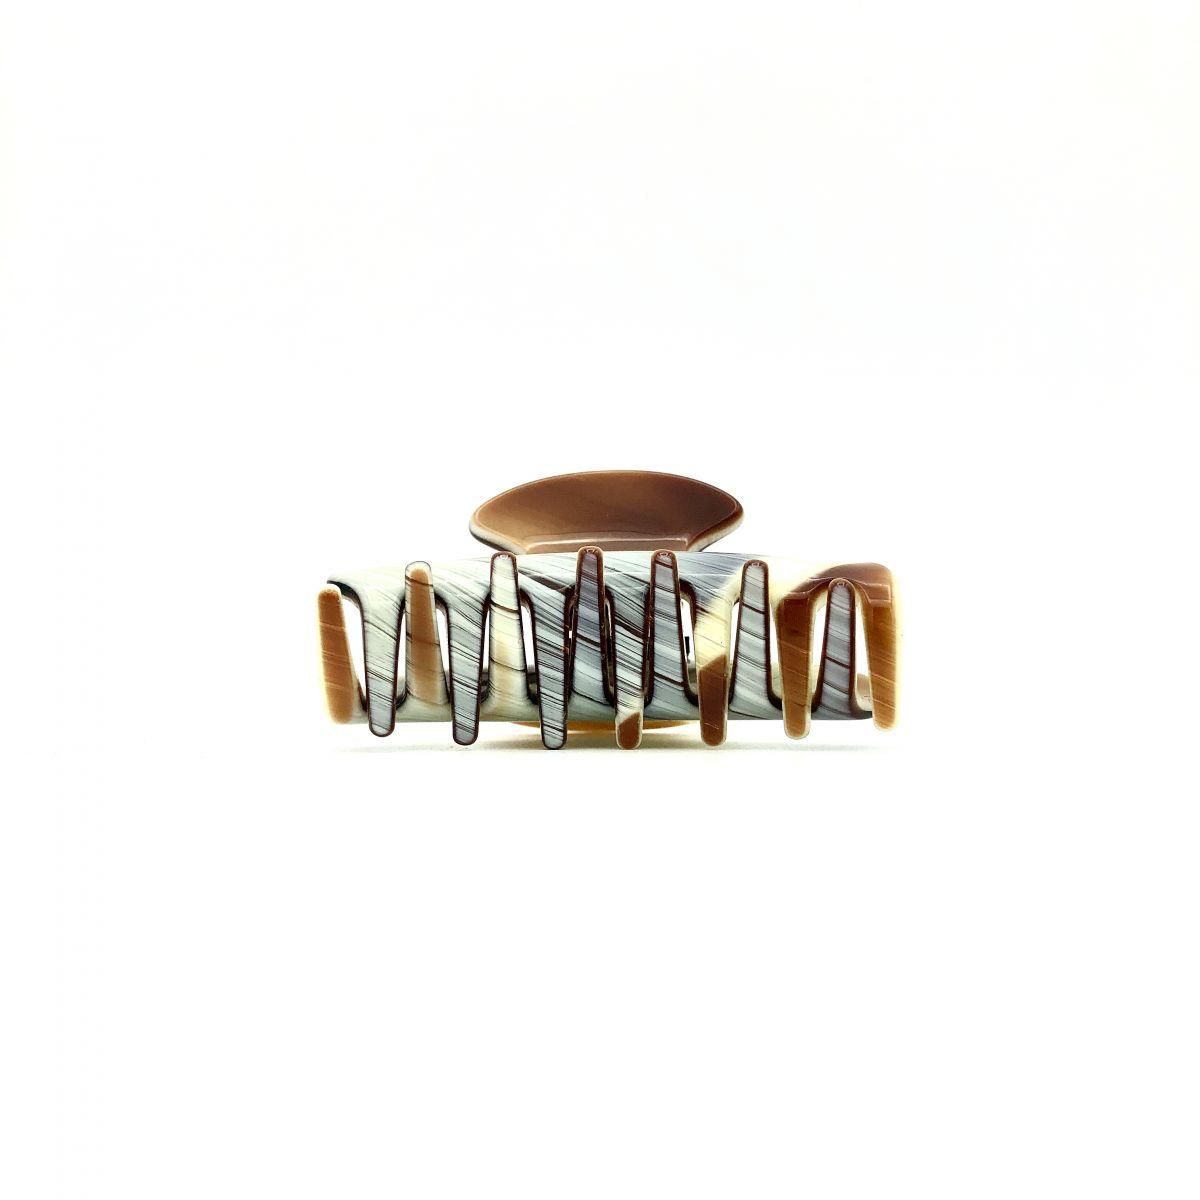 Haarklammer creme/rotbraun - klein - 6,5 cm